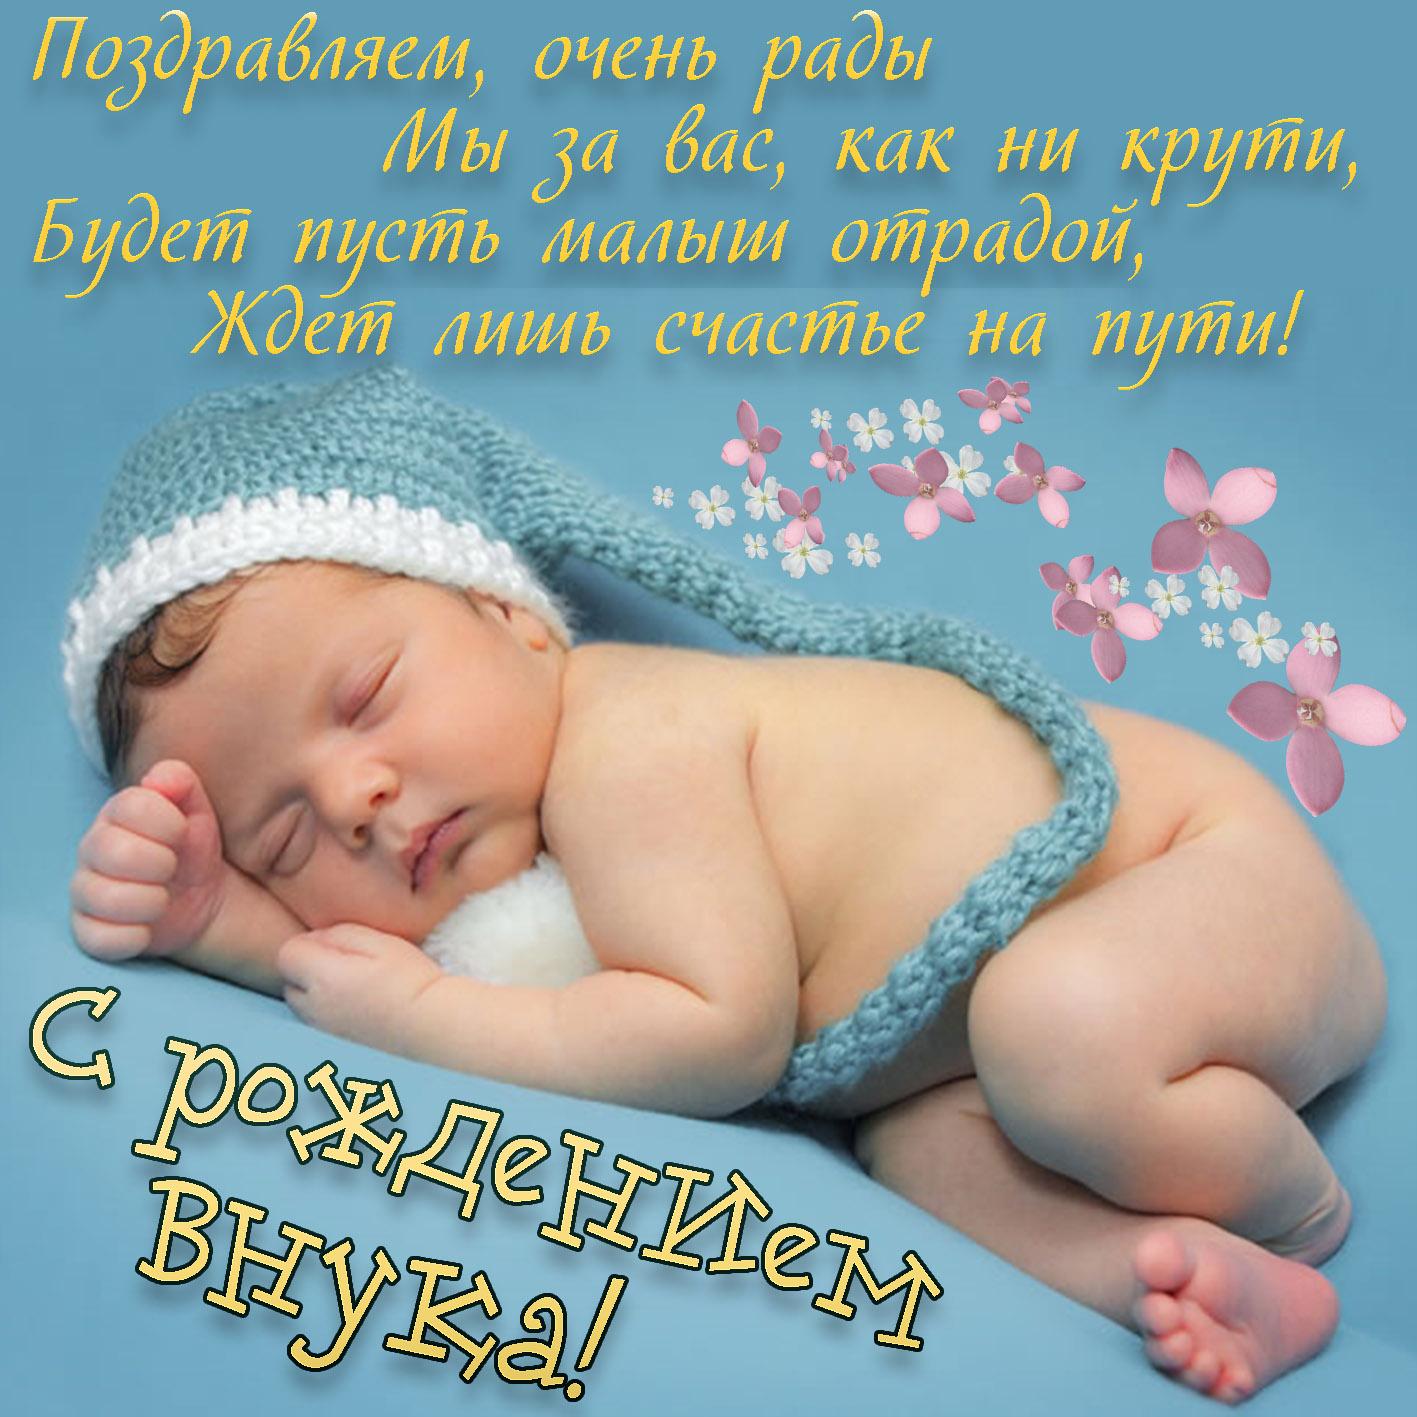 С новорожденным картинки поздравления бабушке